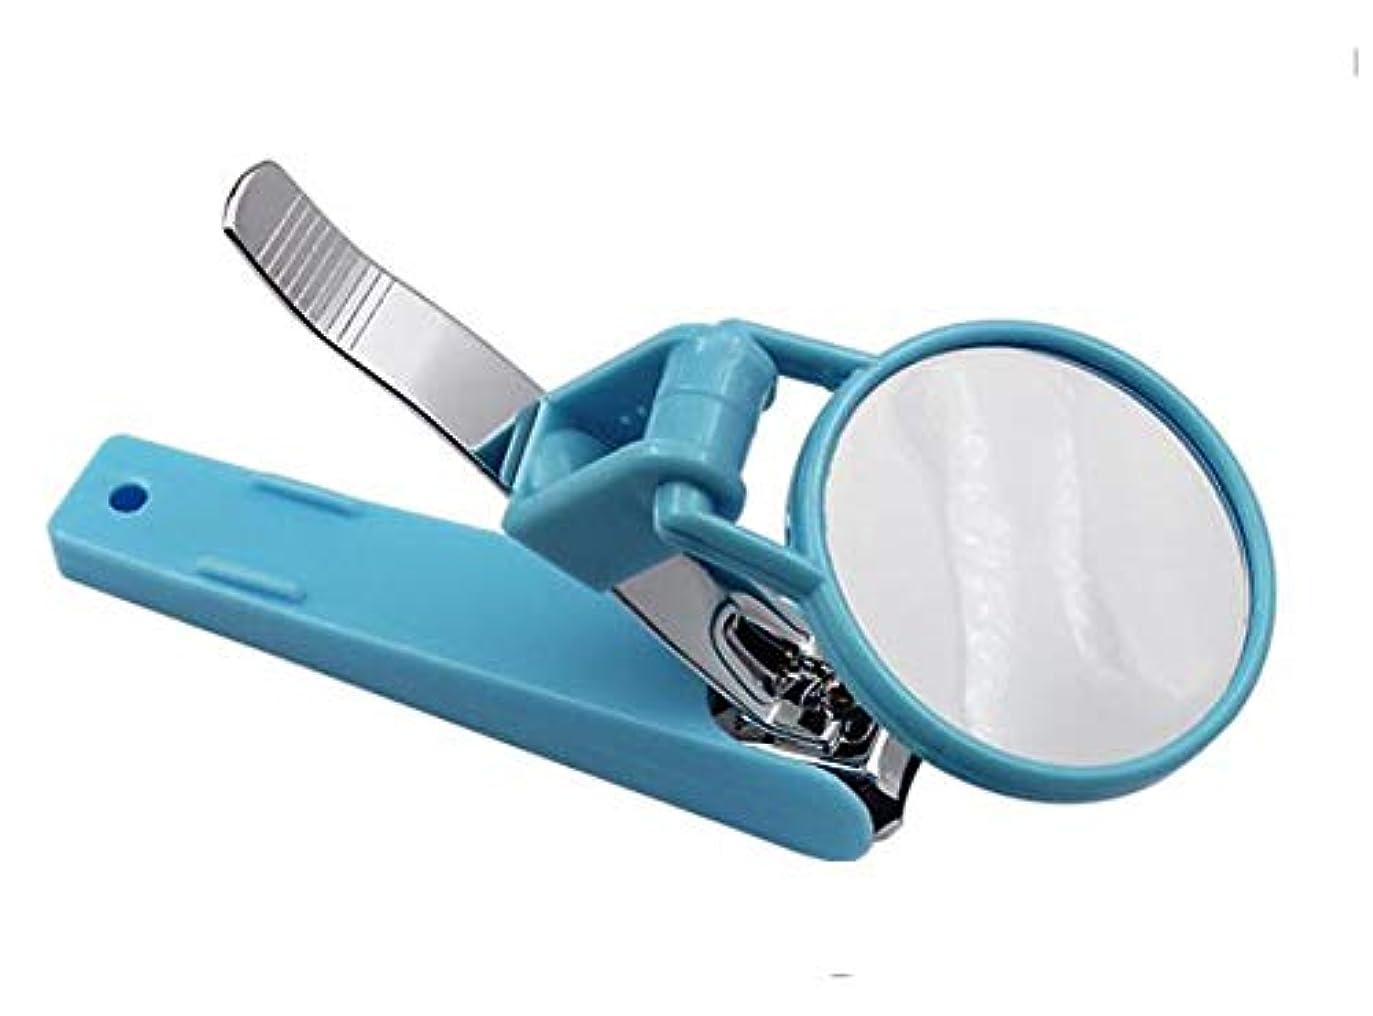 歯車有料ギャラリーHJ 爪切り ルーペ付き爪切り ネイルケア 拡大鏡付き つめきり ルーペ付きツメキリ ルーペ付きネイルケア 高齢者向け 虫眼鏡 ステンレス鋼 コンパクト 携帯便利 360度回転する